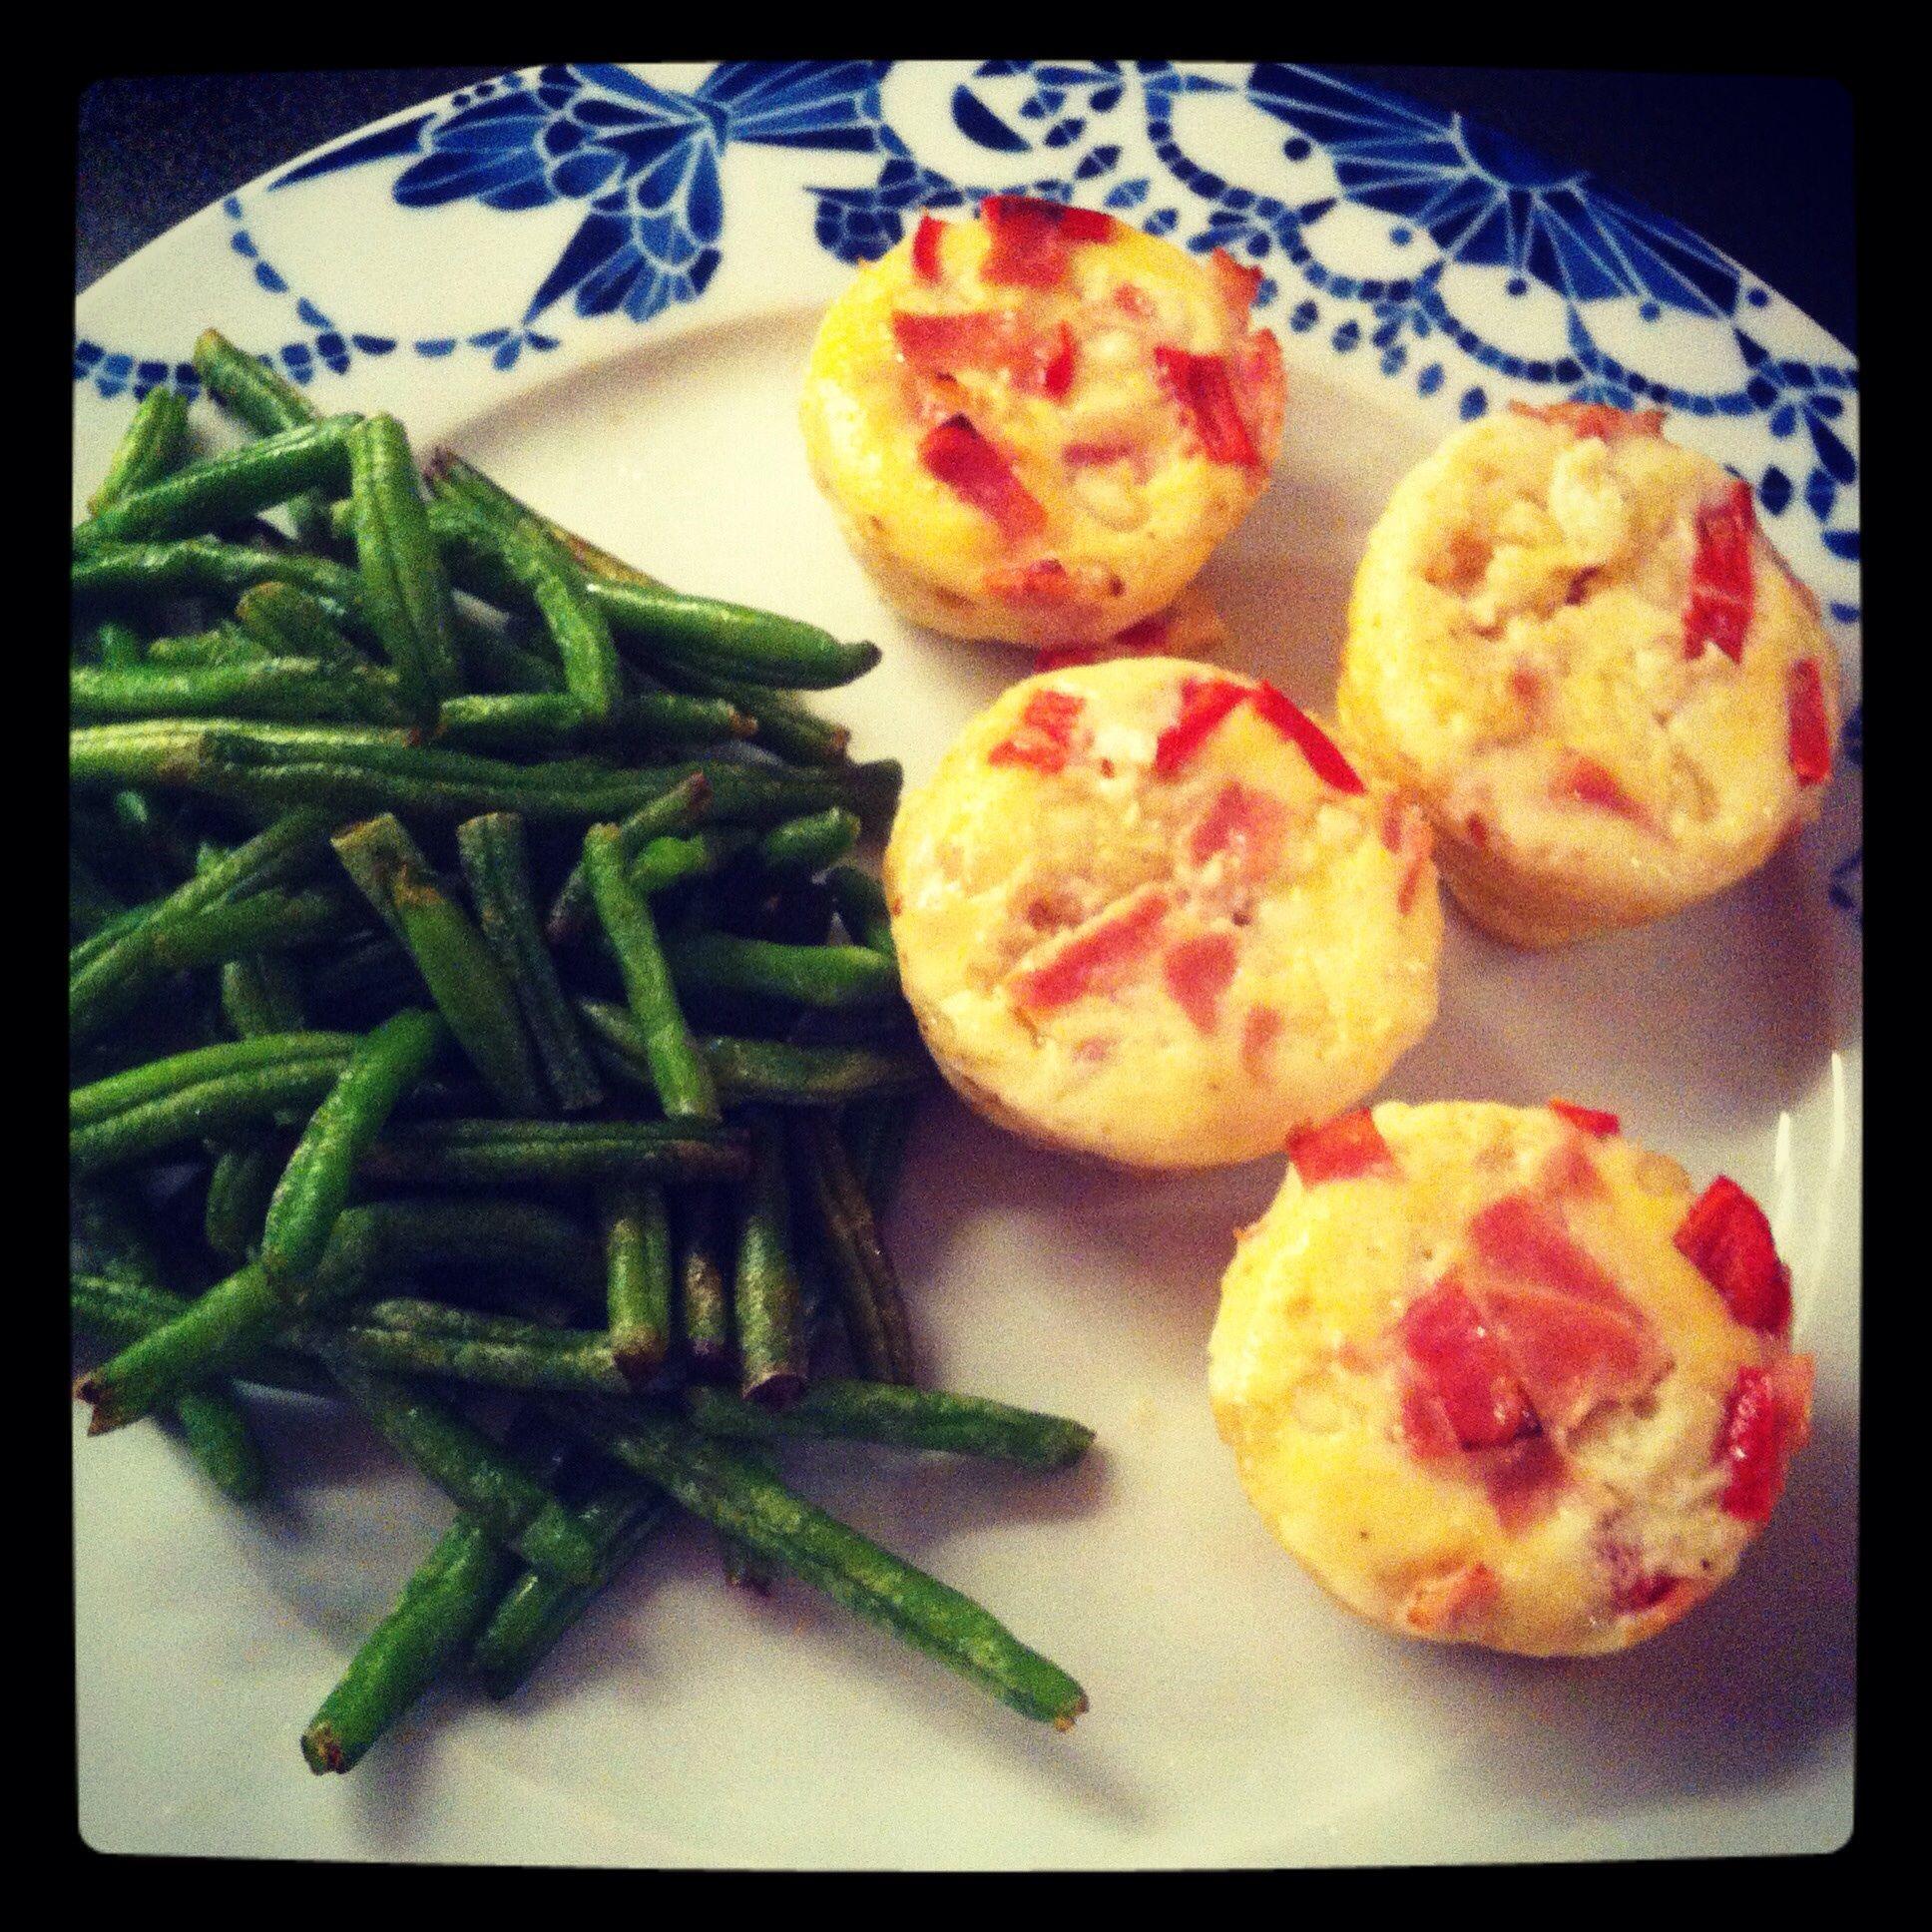 mad med højt kalorieindhold